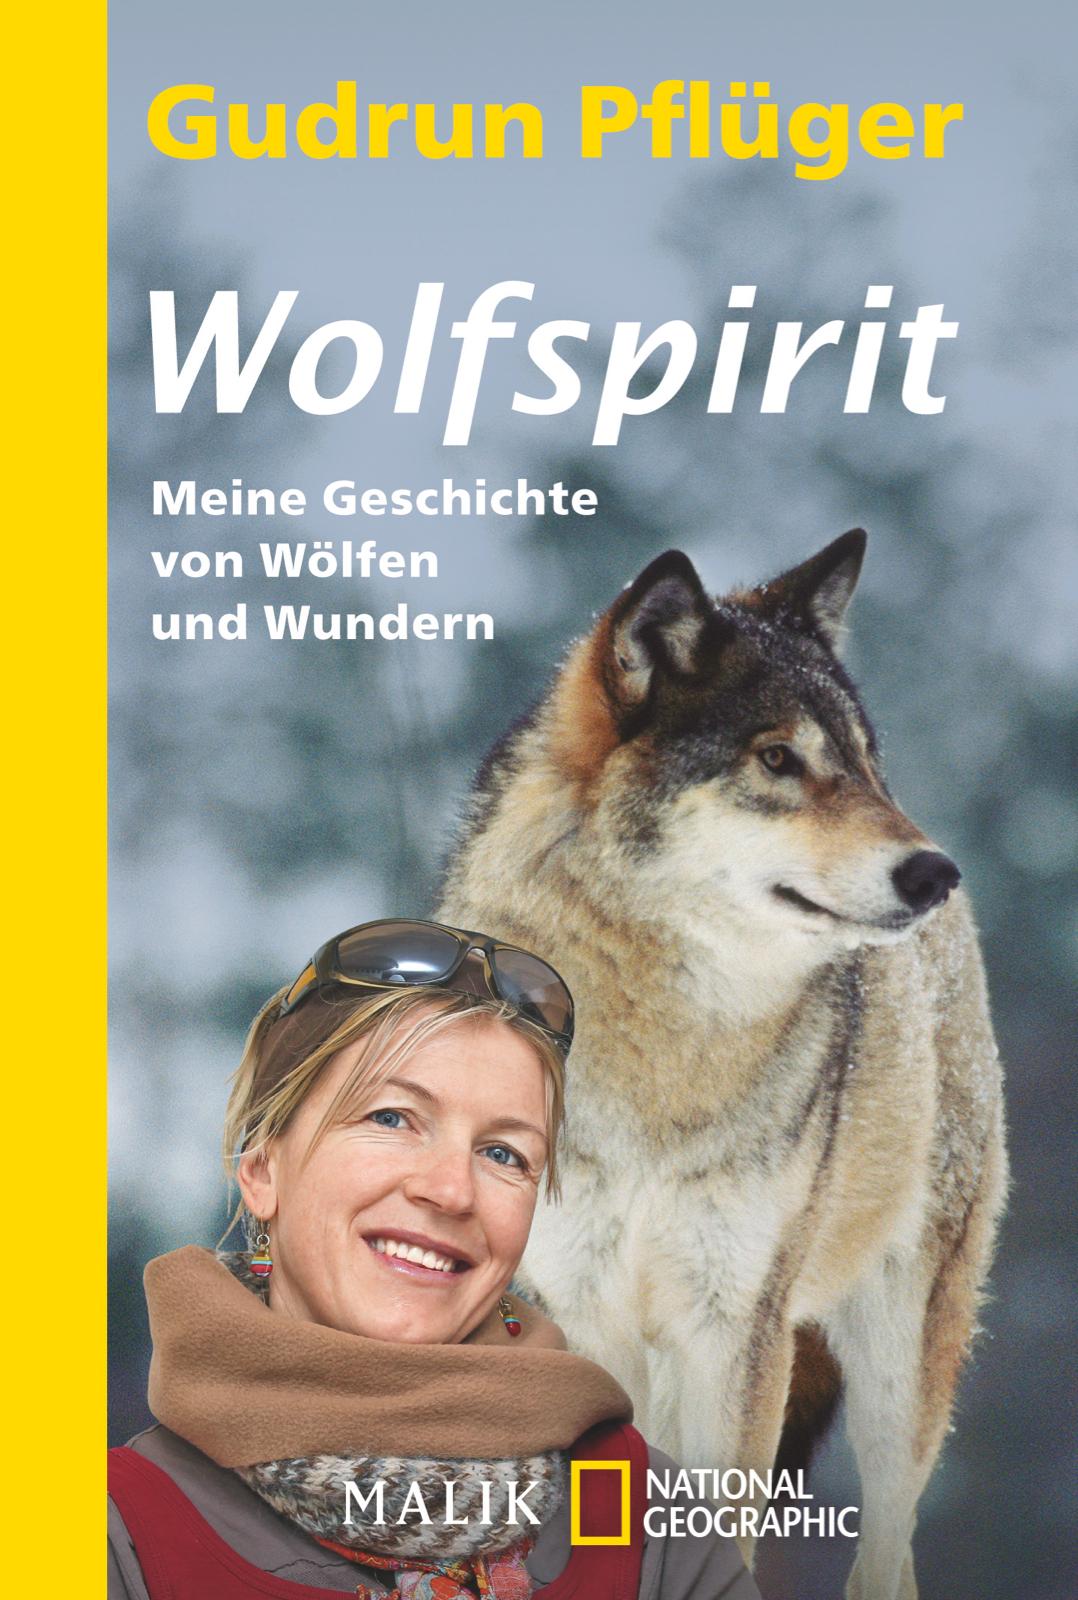 Wolfspirit: Meine Geschichte von Wölfen und Wundern Gudrun Pflüger